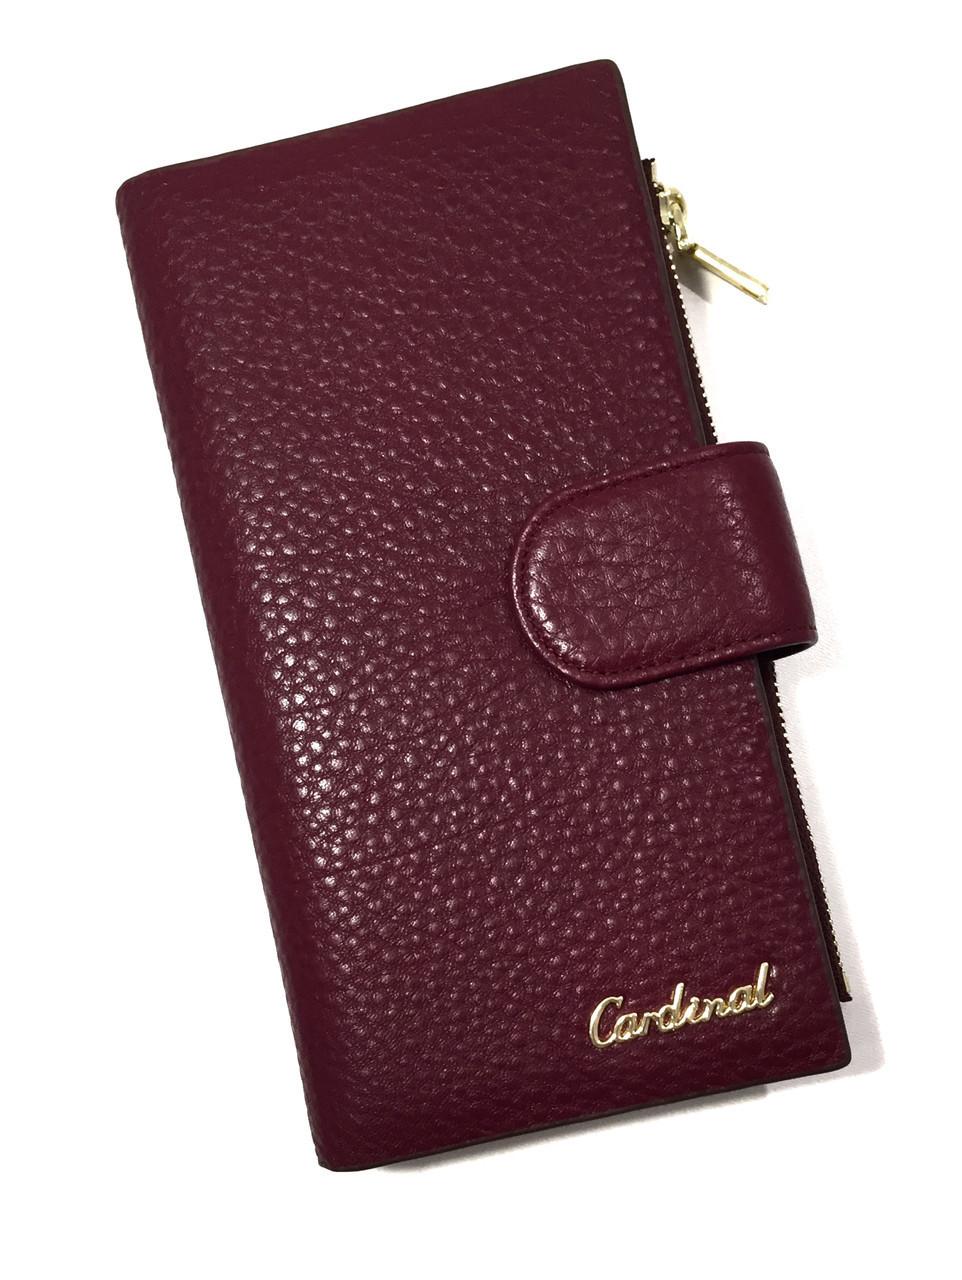 Кошелек - клатч Cardinal